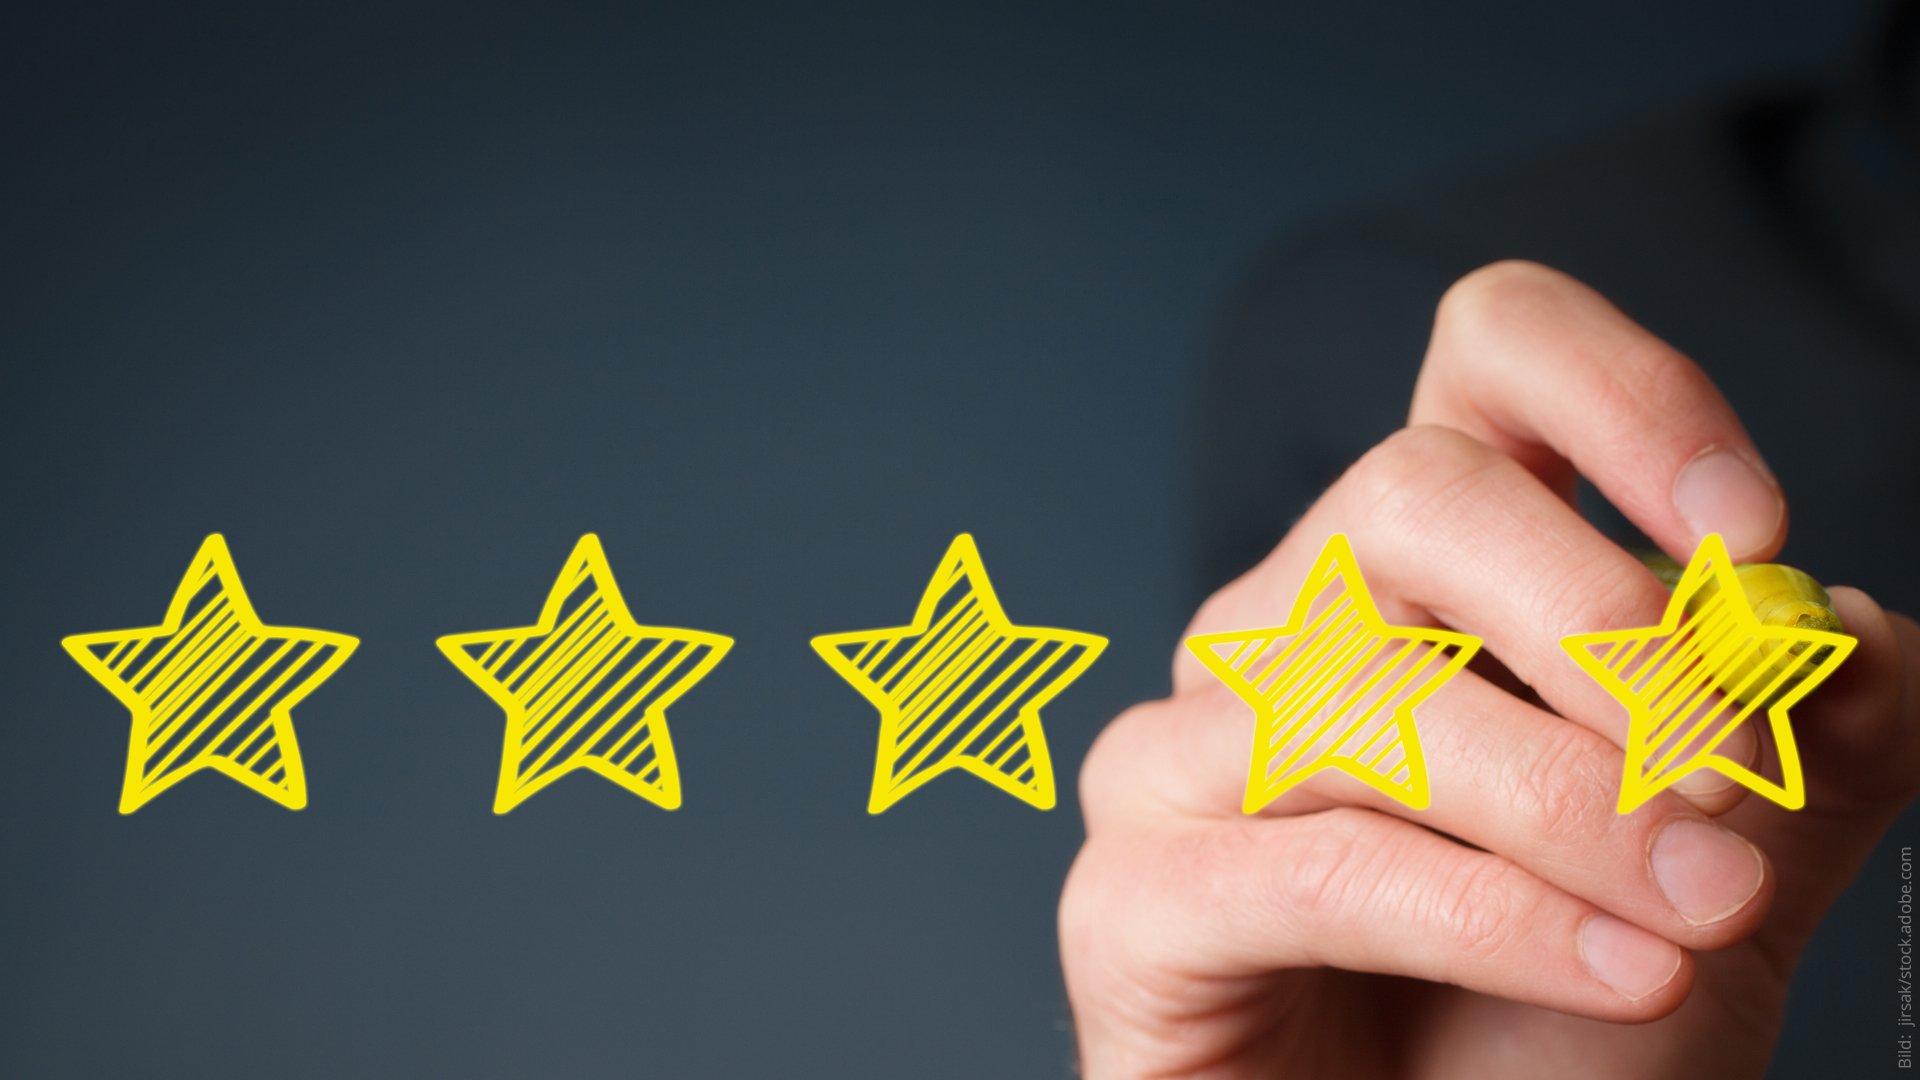 Bewertungen & Erfahrungsberichte. Vera Matt hat fünf Sterne